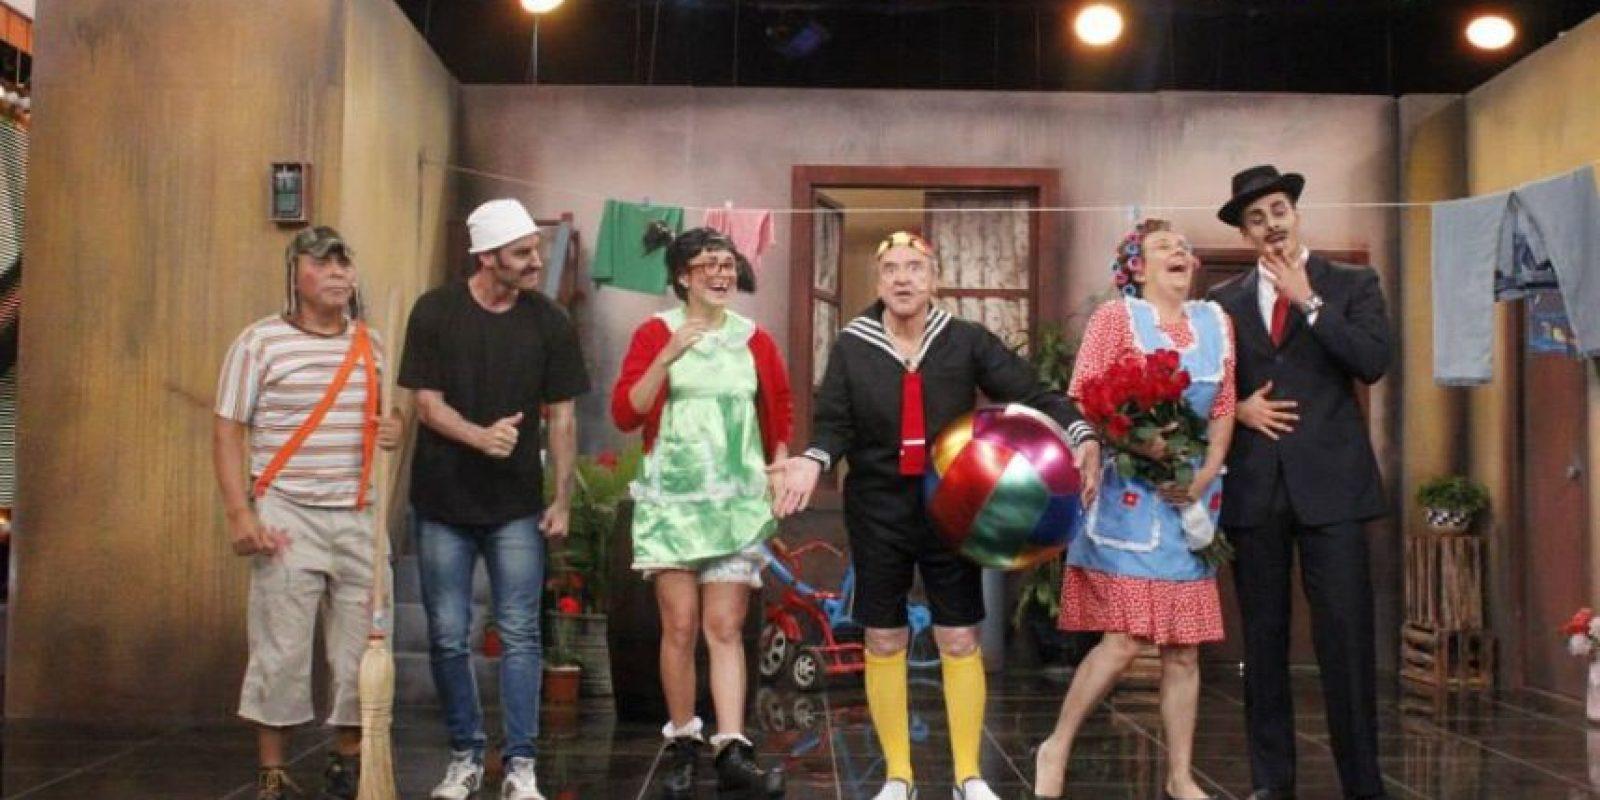 """Durante este programa especial también aparecieron otros personajes de """"El chavo del ocho"""" Foto:Fscebook/Porque hoy es sábado"""